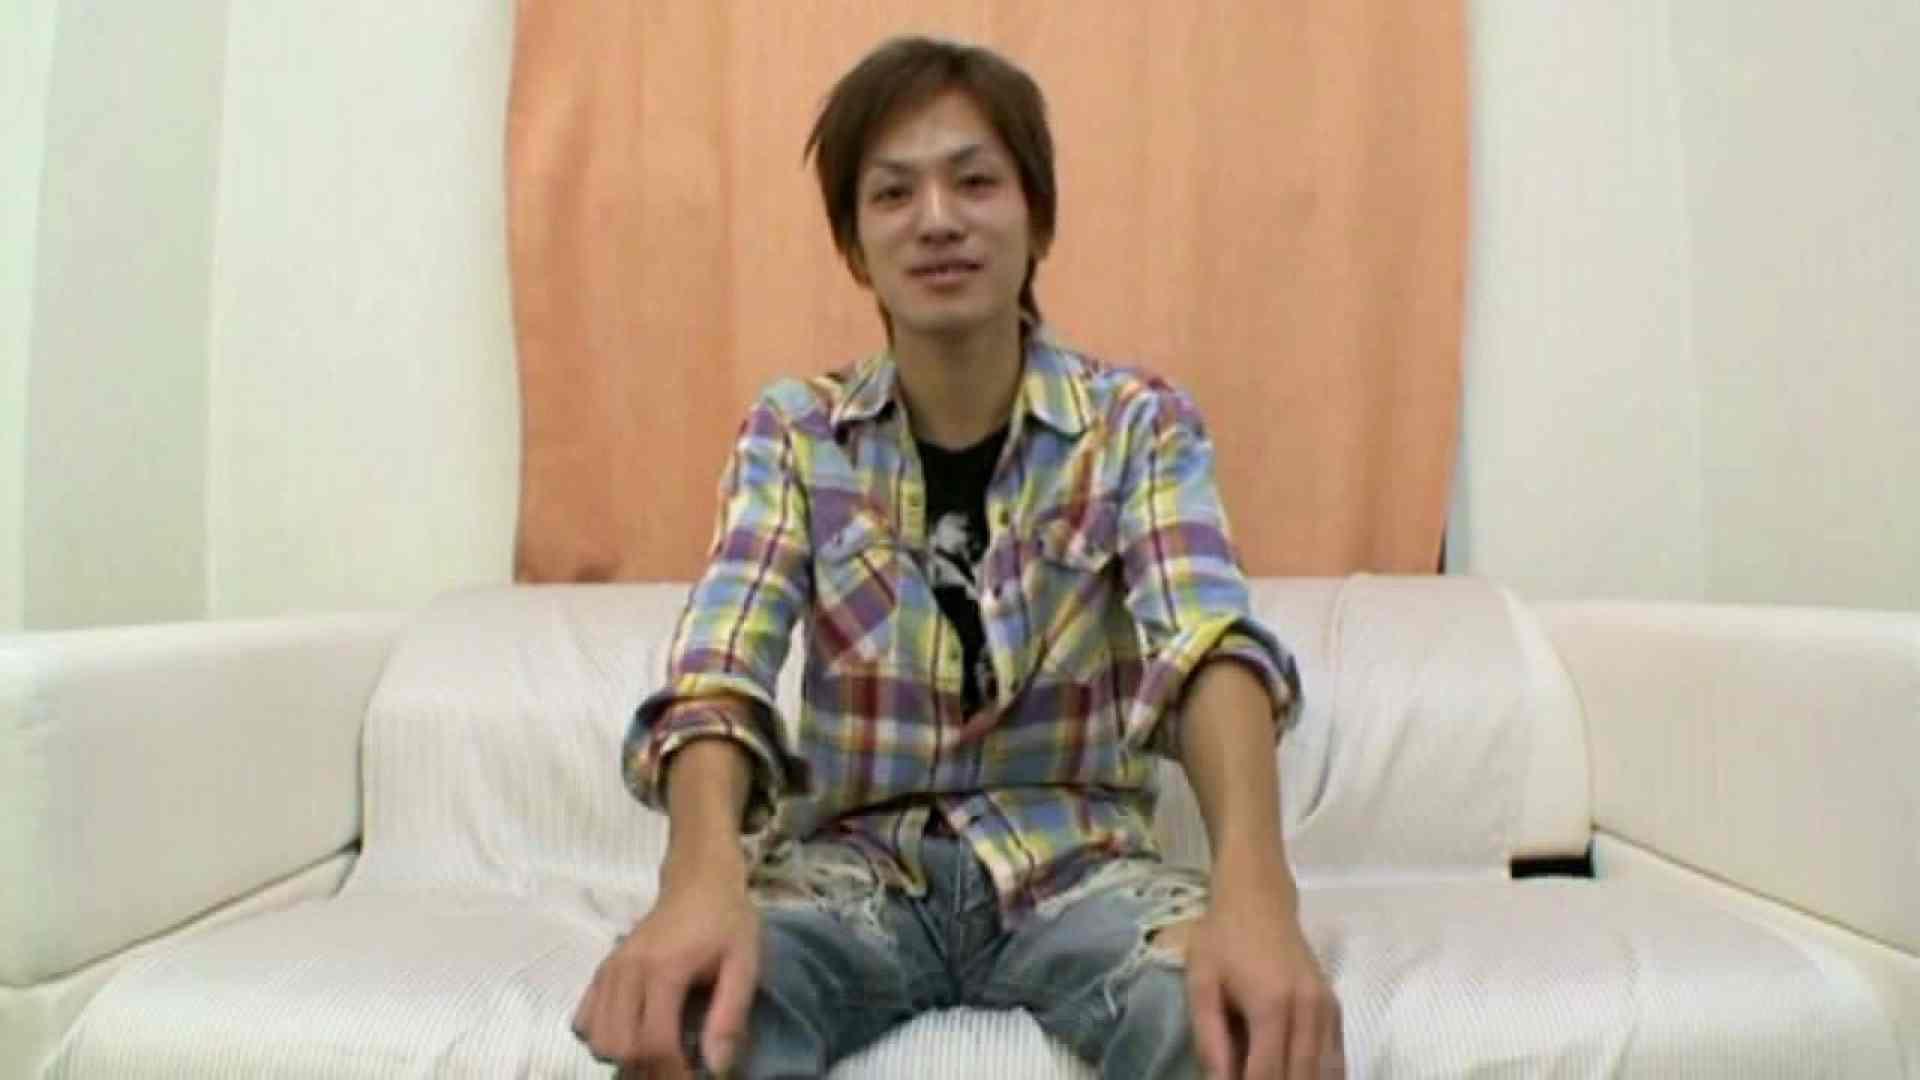 ノンケ!自慰スタジオ No.03 ノンケ天国 ゲイヌード画像 101pic 30